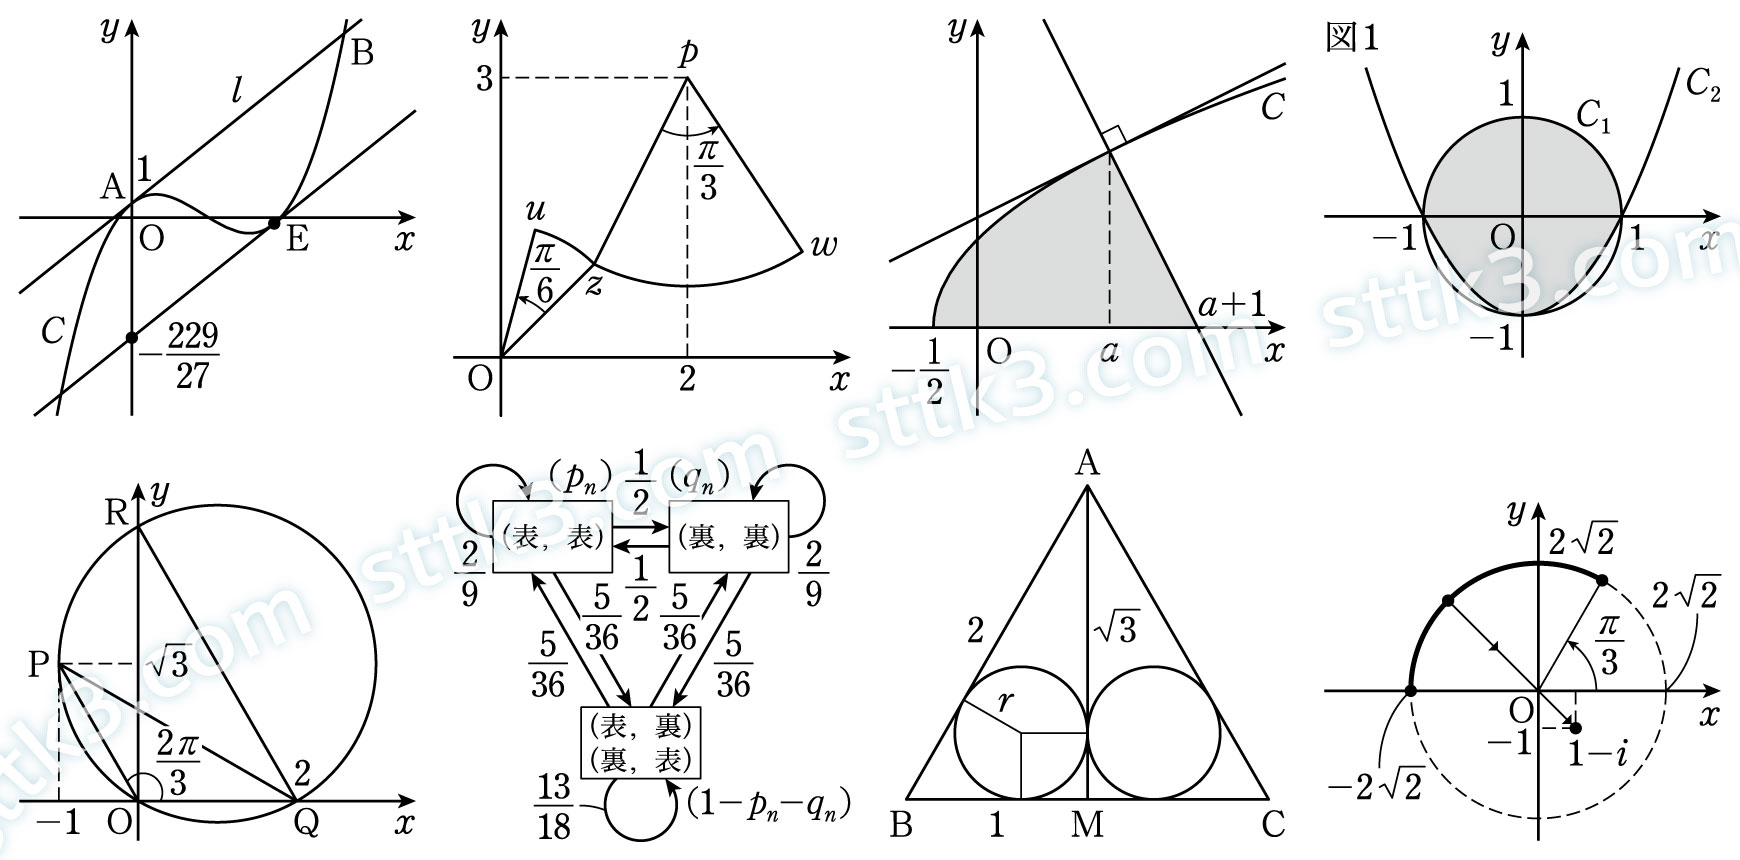 大学入試数学の図版サンプル